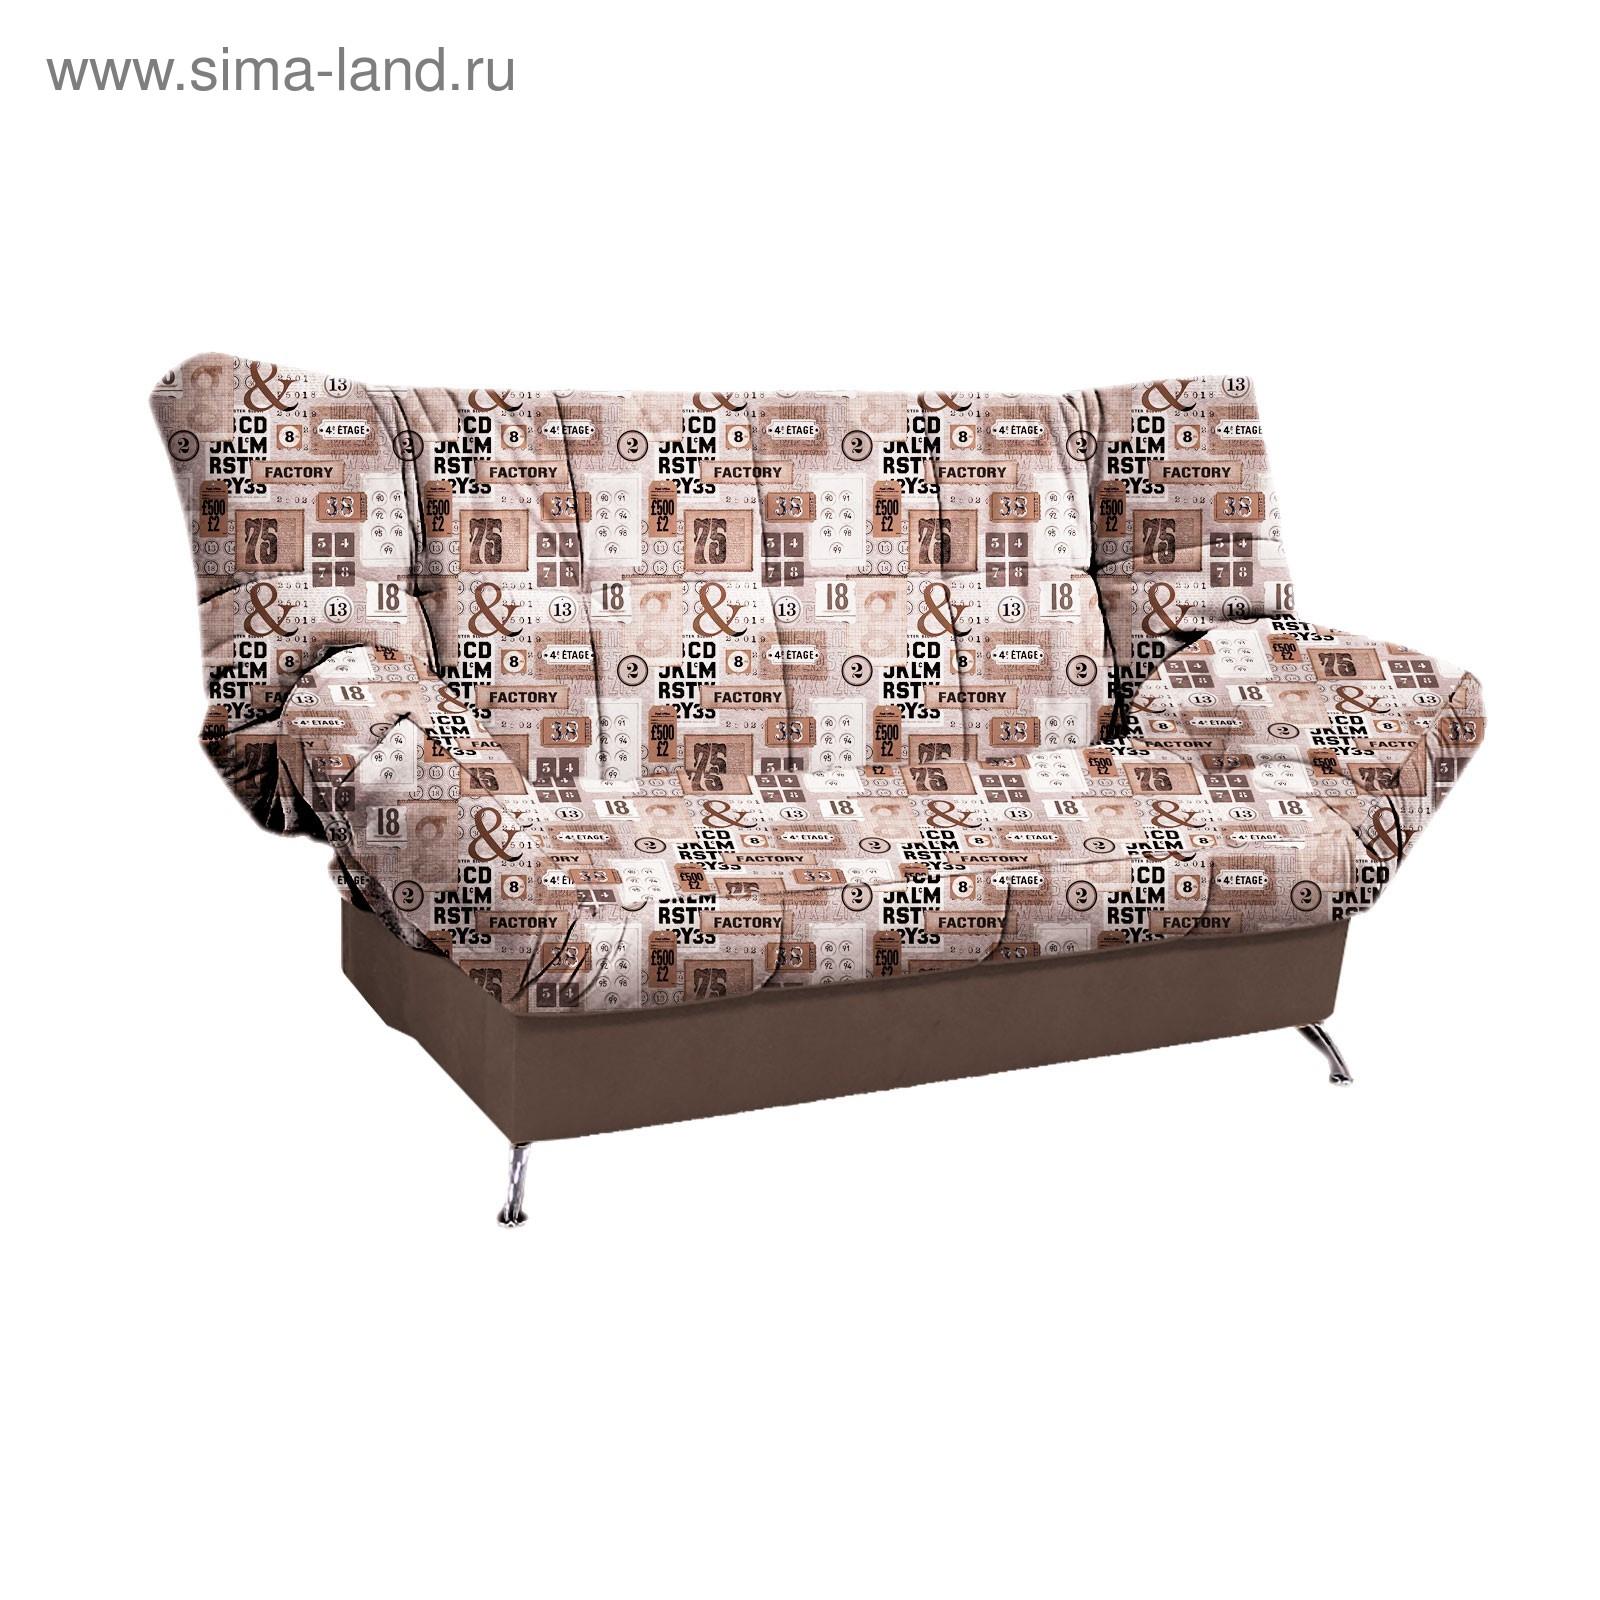 диван кровать механизм клик кляк обивка фактори 2965355